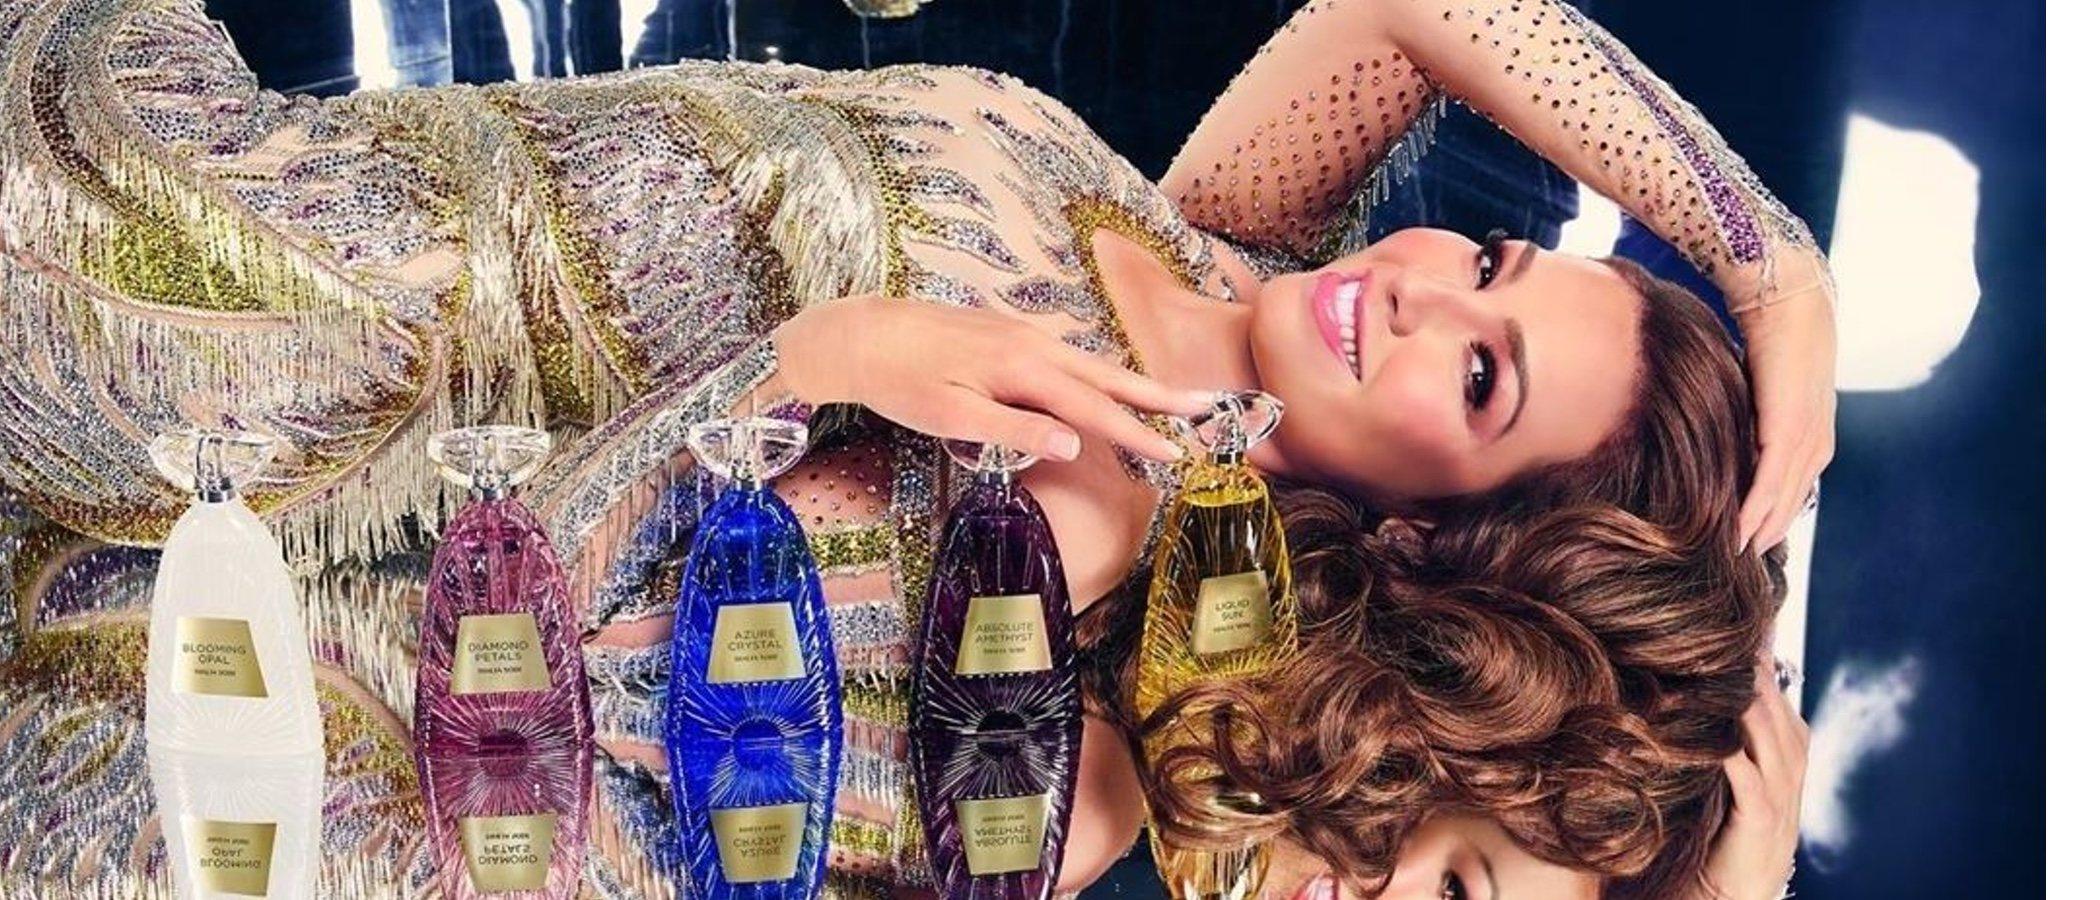 Thalía lanza una colección de cinco perfumes en un homenaje a la frescura y la elegancia del verano